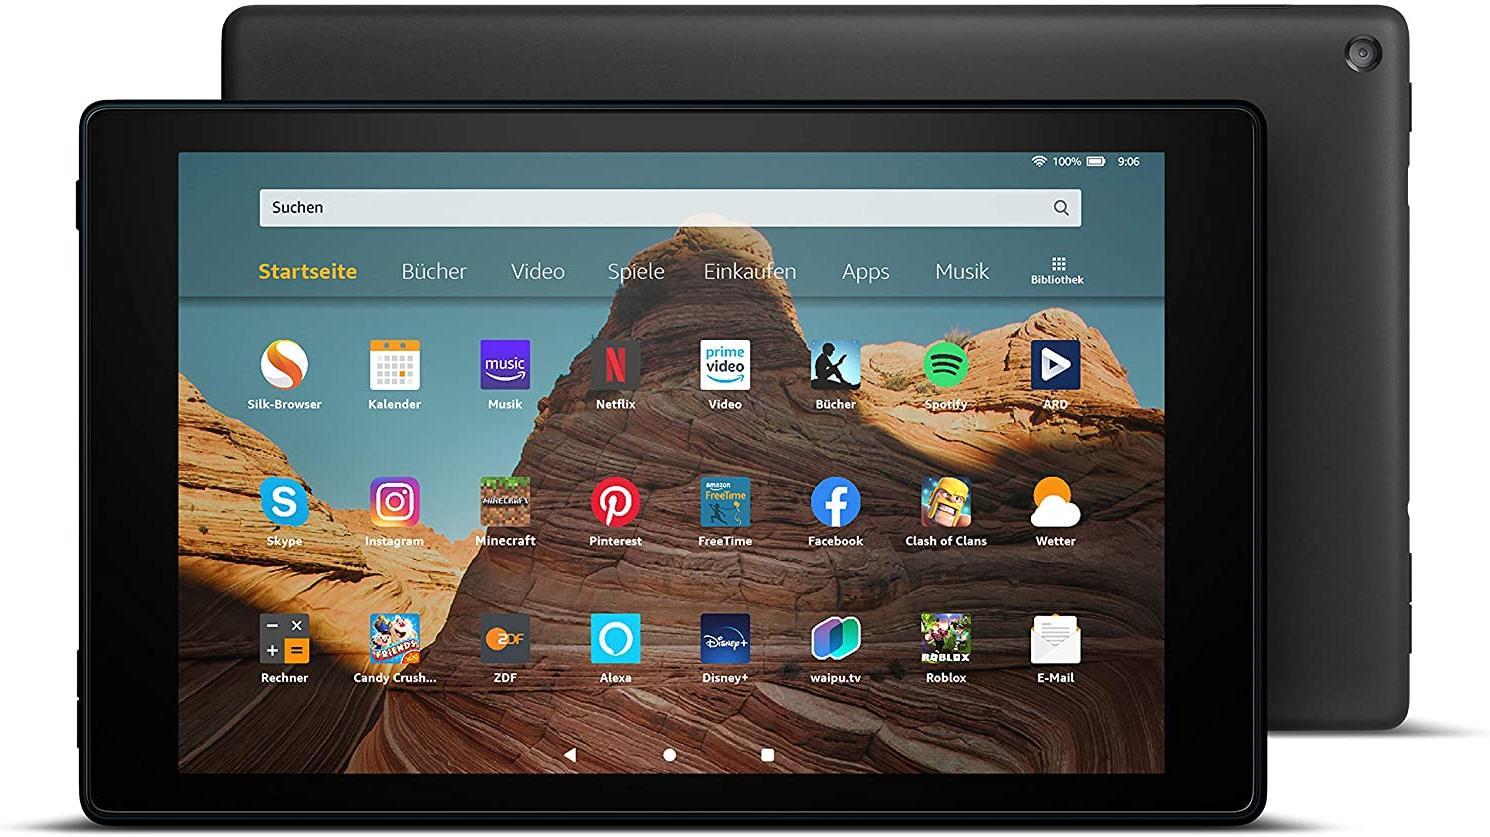 Media Markt bietet das Tablet Amazon Fire HD 10 aktuell für 87,71 Euro als Black-Friday-Week-Deal an. Ein gutes Angebot?